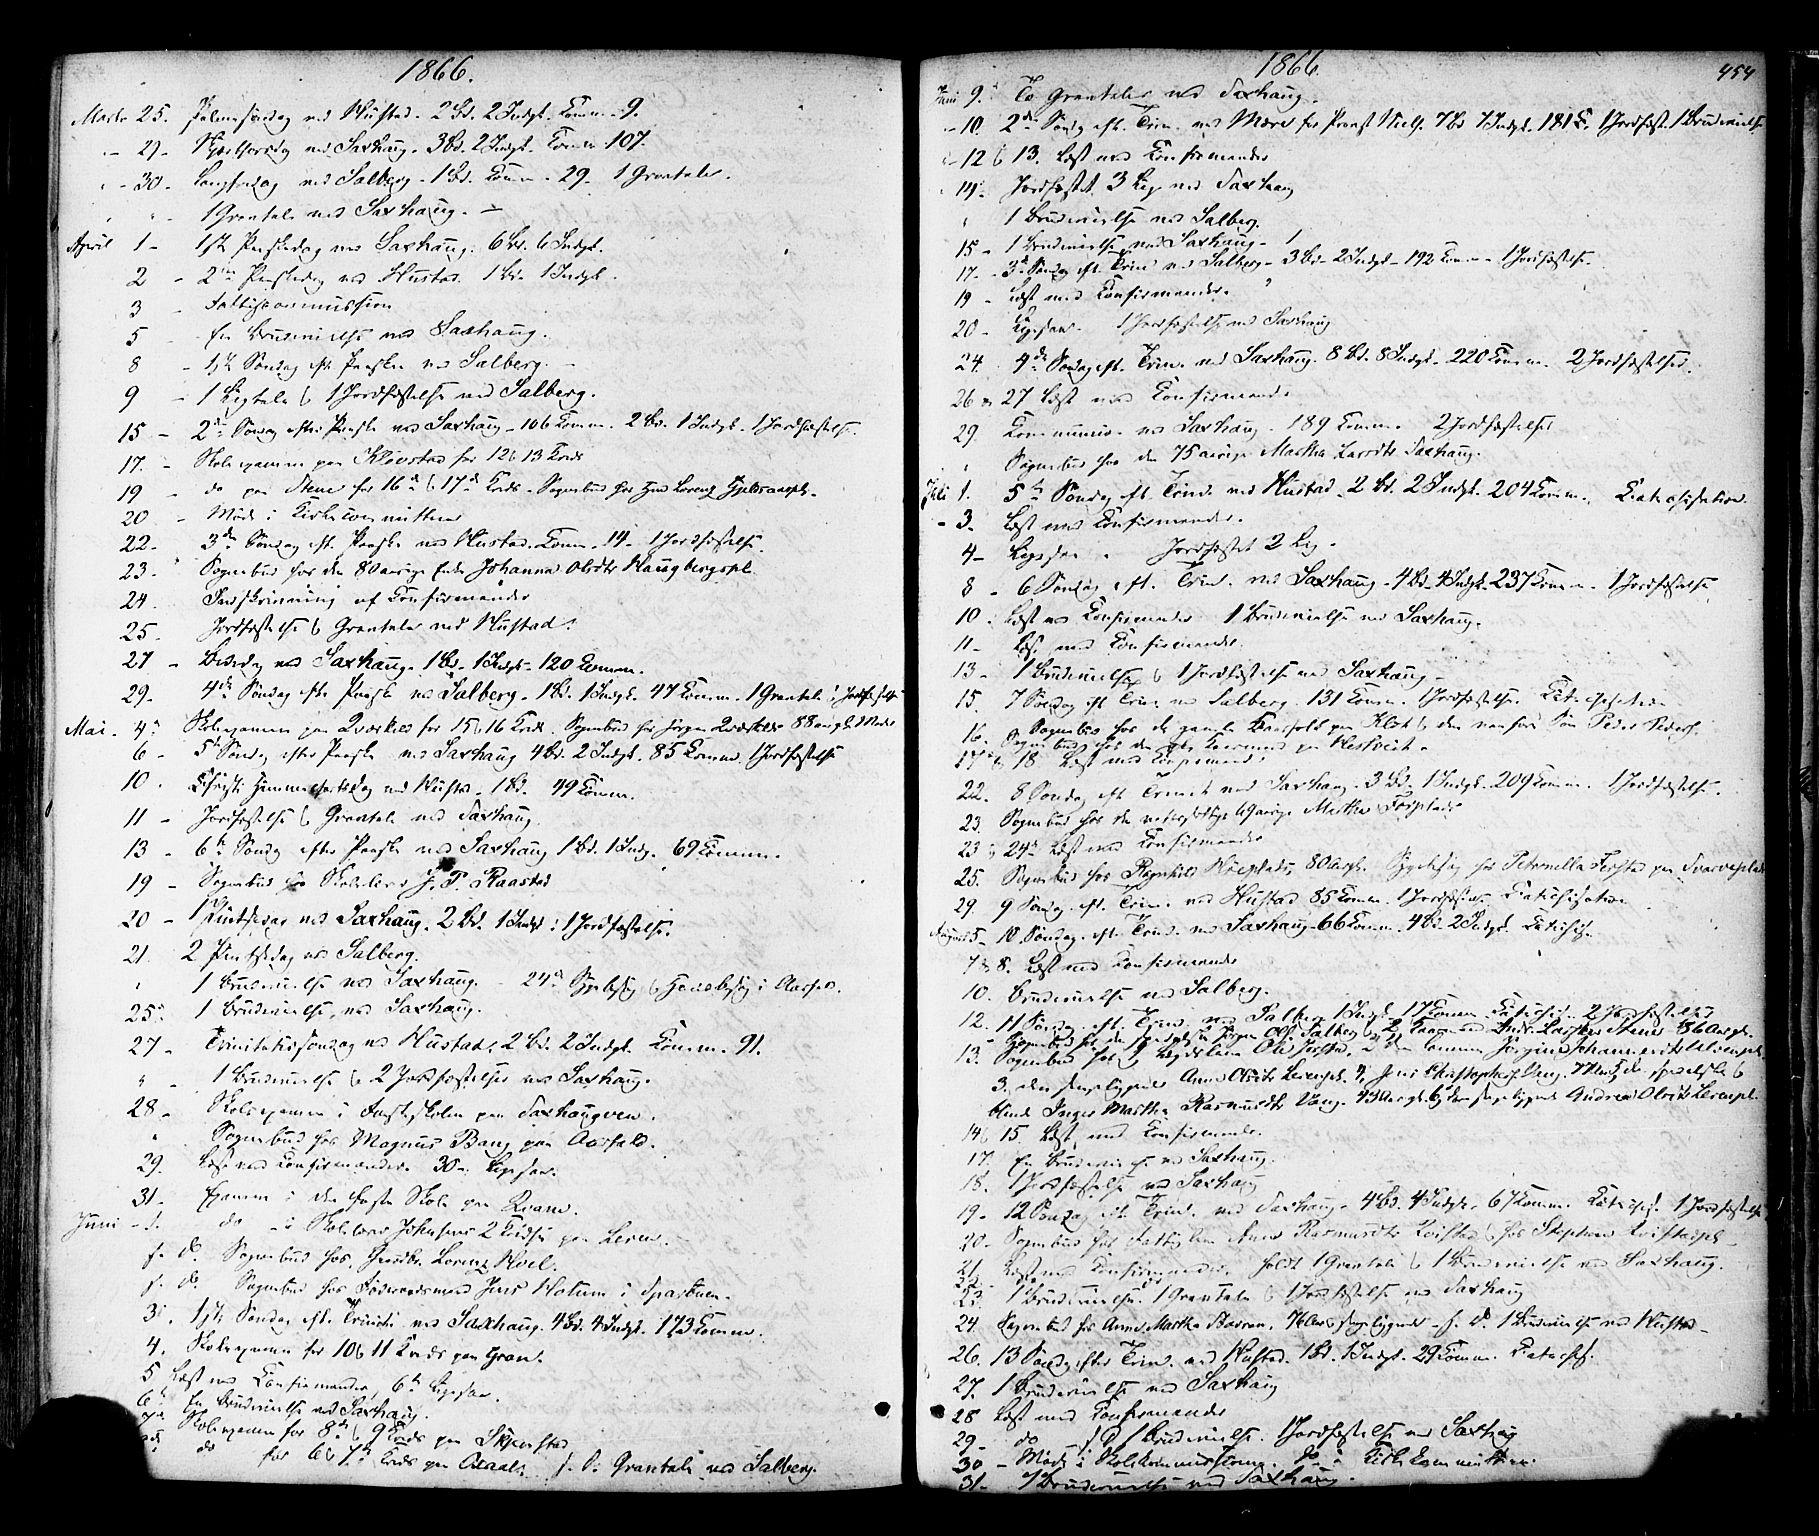 SAT, Ministerialprotokoller, klokkerbøker og fødselsregistre - Nord-Trøndelag, 730/L0284: Ministerialbok nr. 730A09, 1866-1878, s. 454